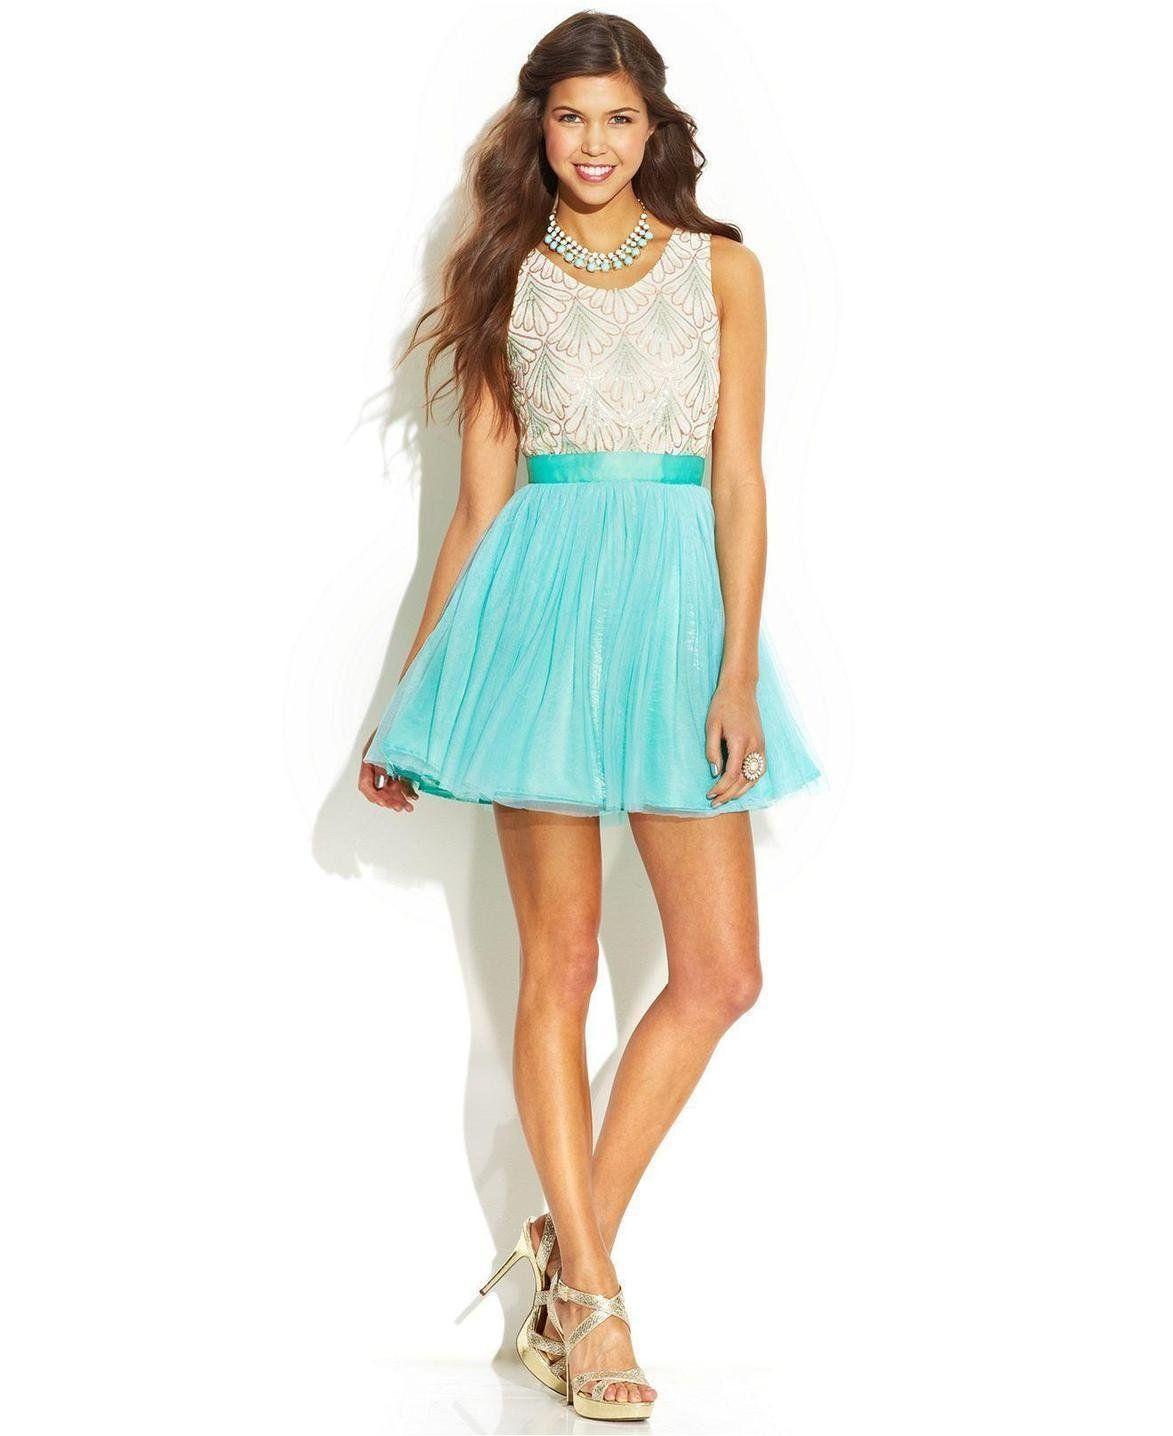 As U Wish Juniors\' Sequin Tulle Dress http://picvpic.com/women ...